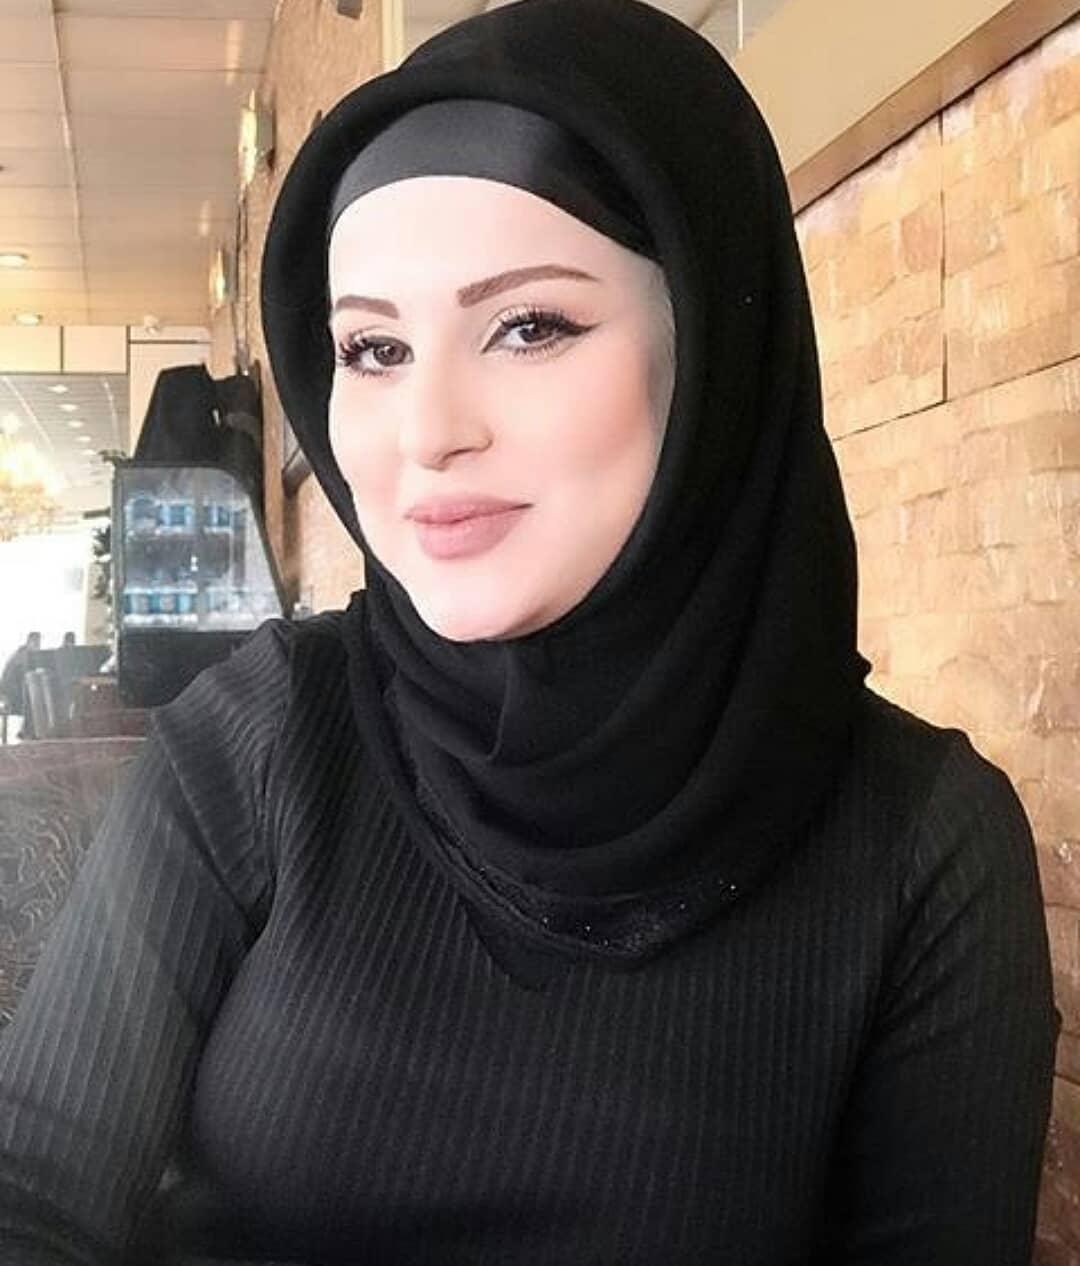 صورة صور محجبات خليجيات , الموديل الجديد في الحجاب الخليجي